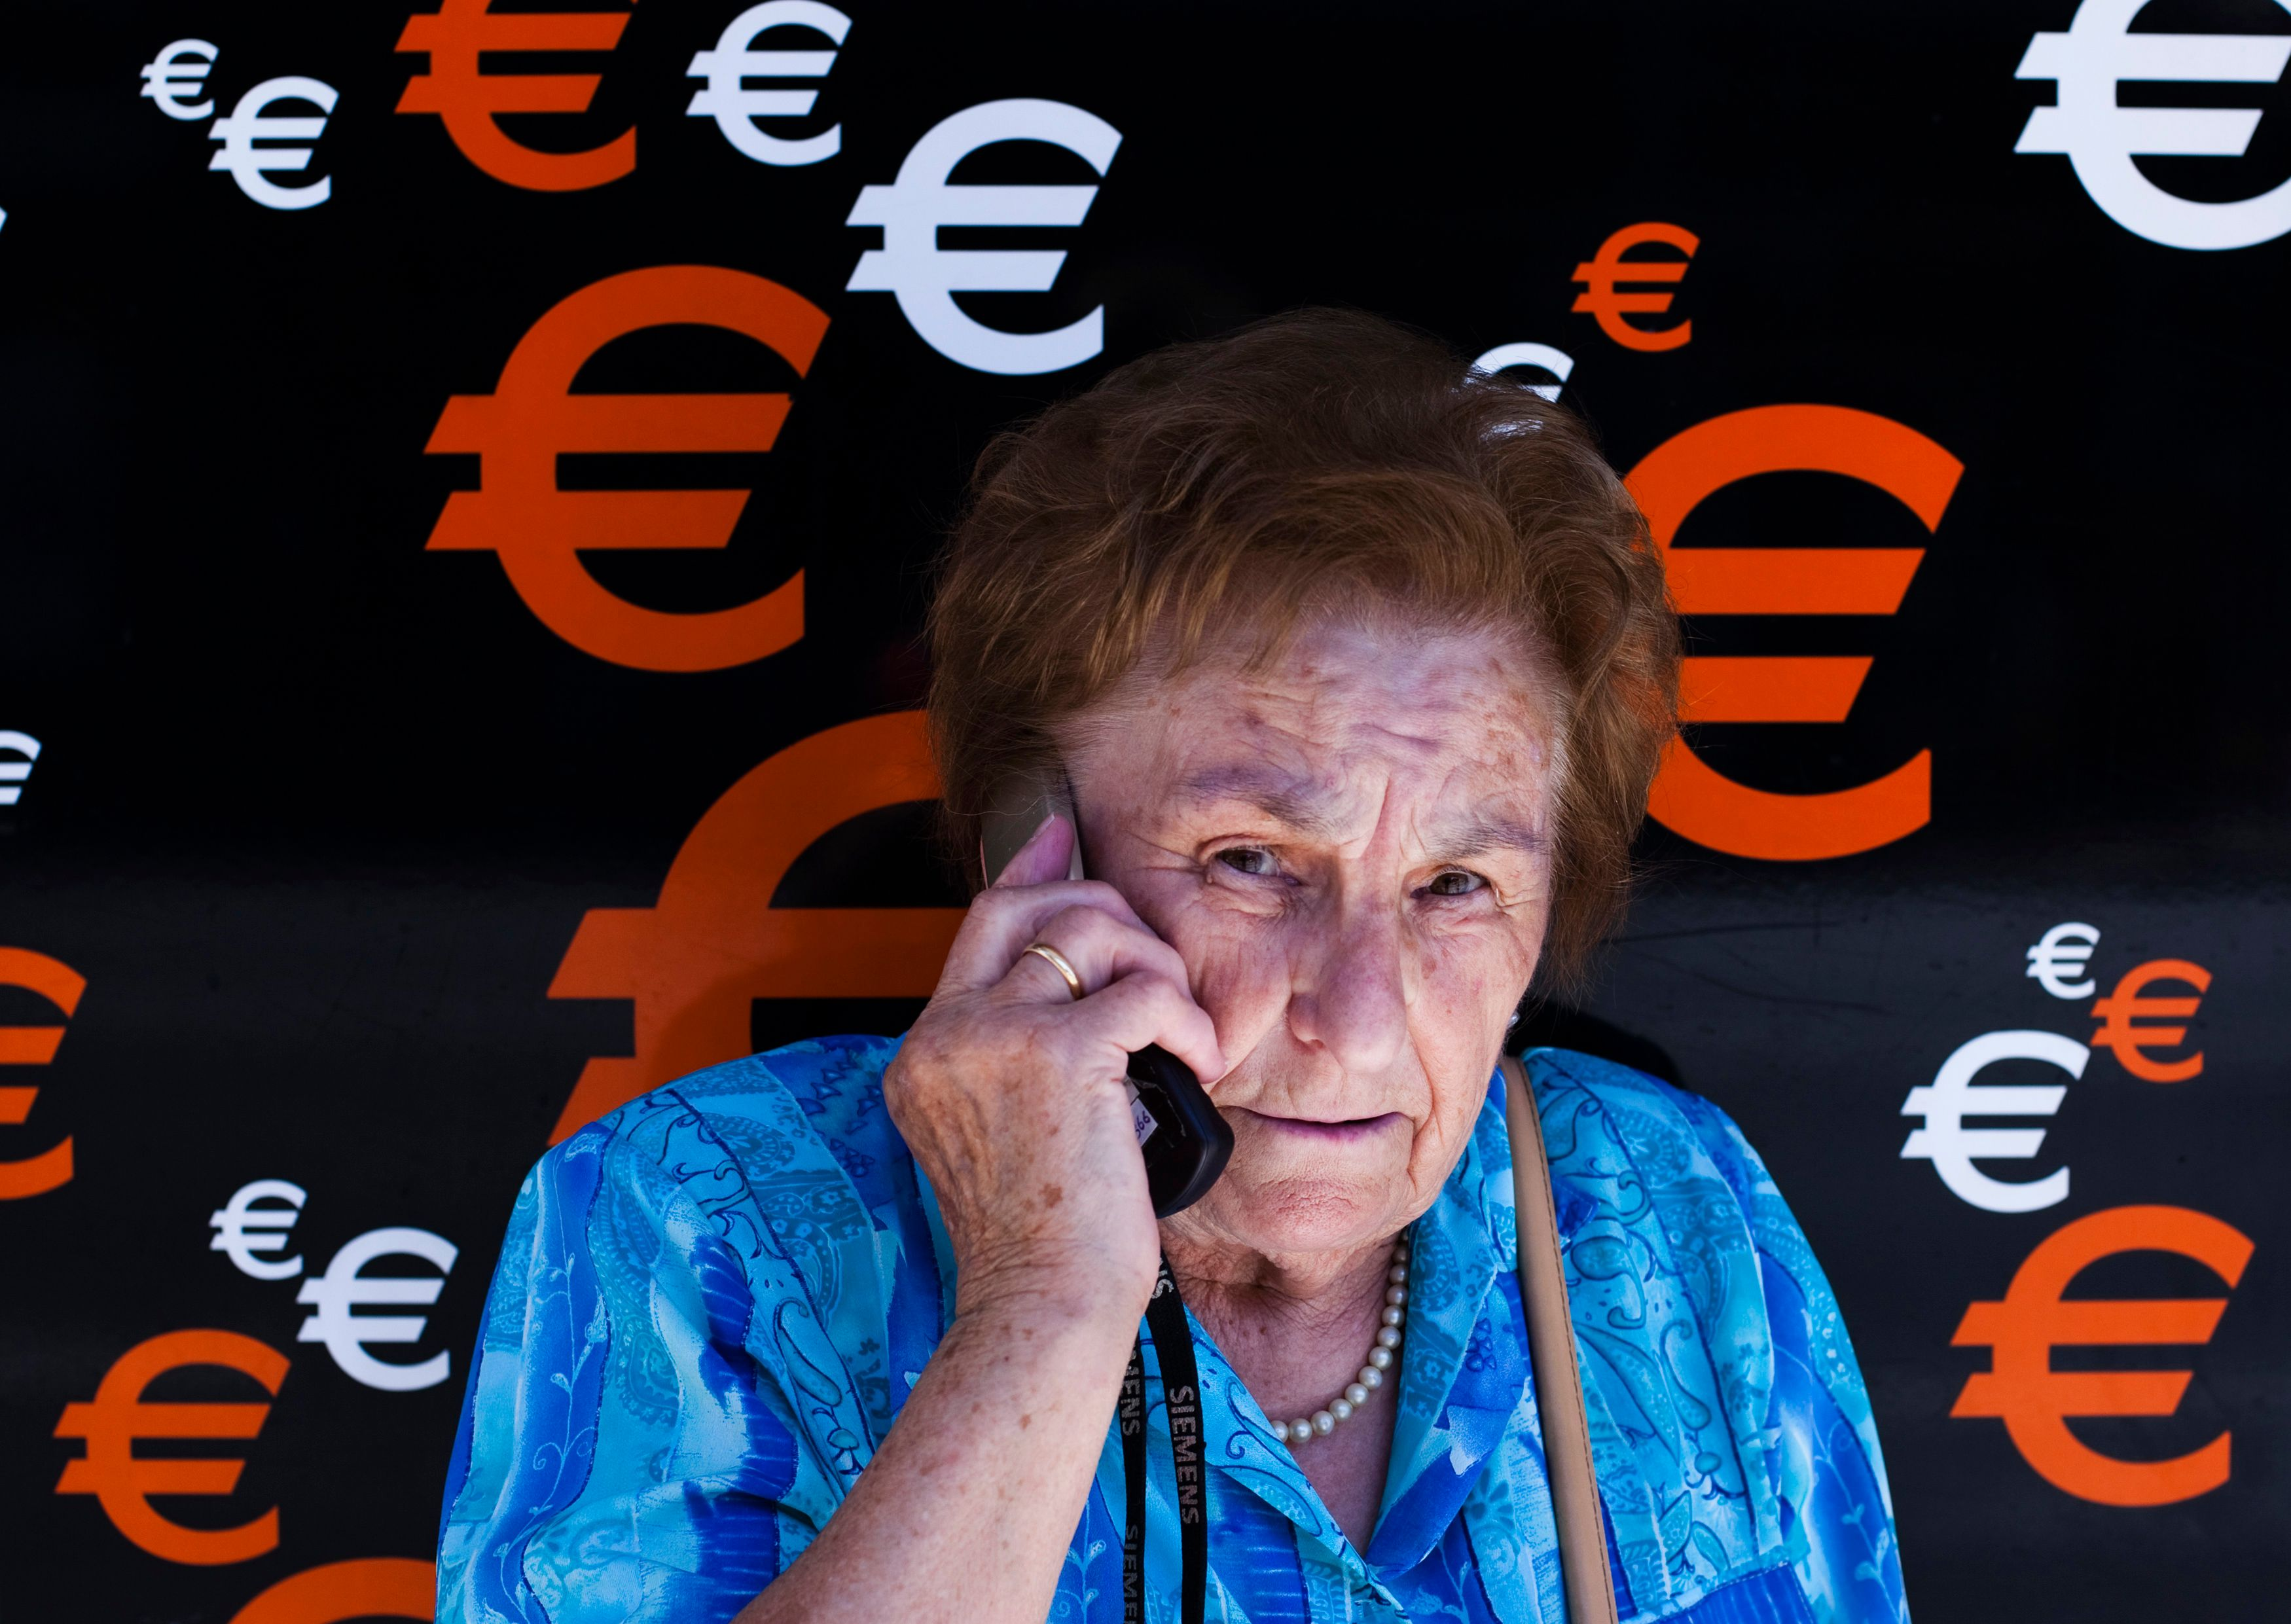 Le Medef propose de désindexer les retraites complémentaires Agirc et Arrco de l'inflation sur une durée de cinq ans afin de réduire le déficit du régime des retraites.